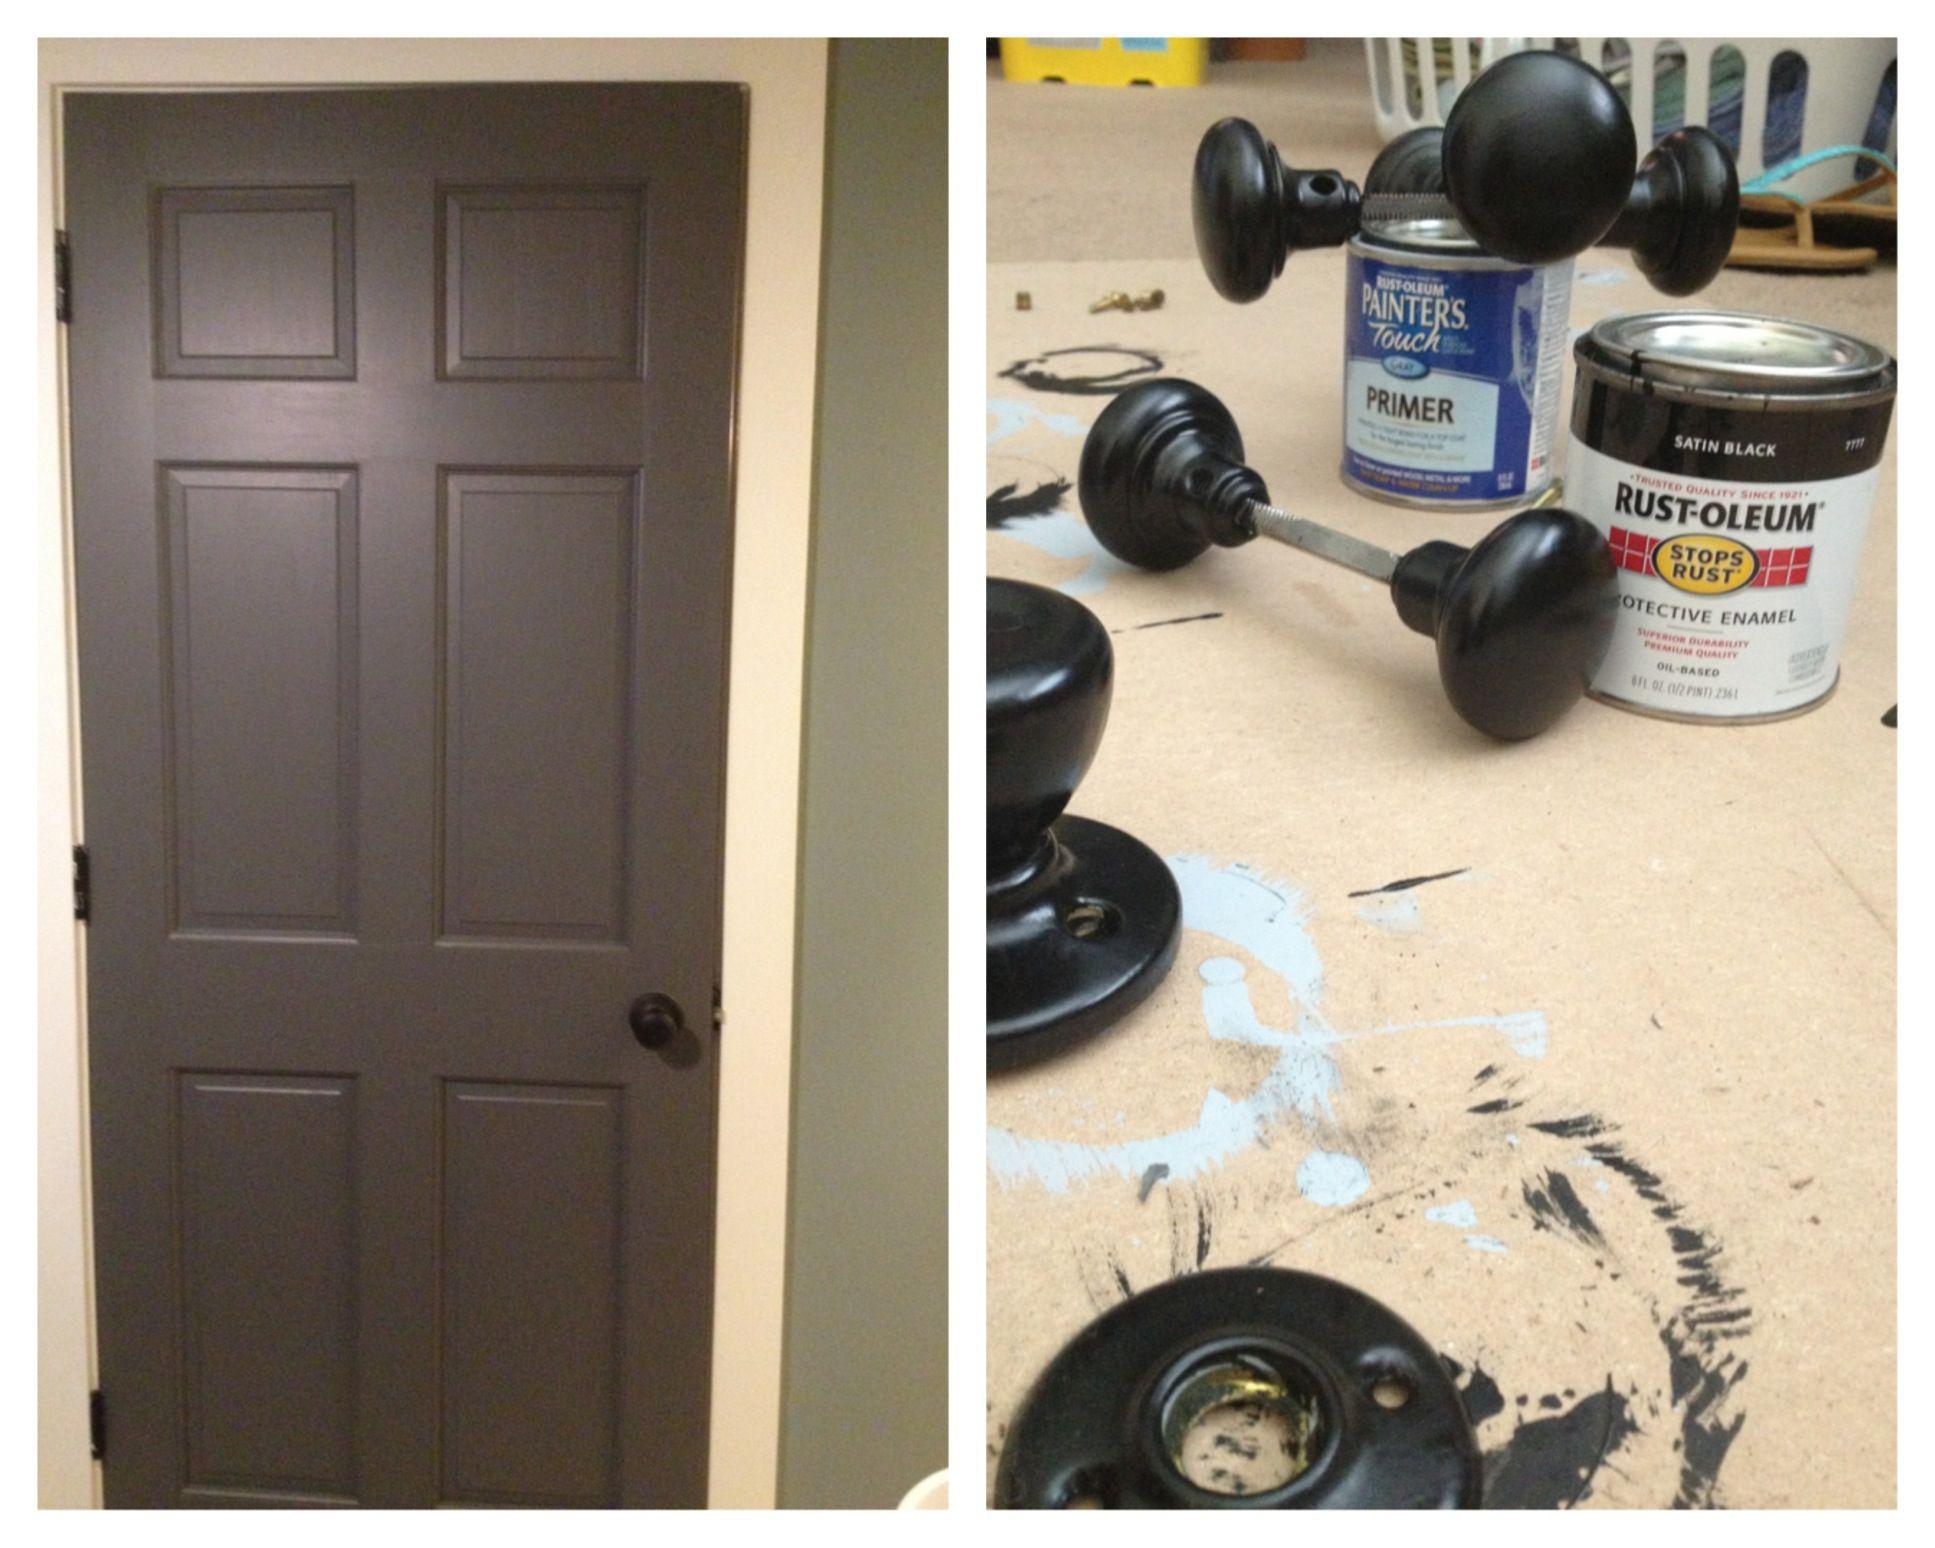 Interior Doors Dark, T Trim Light, Old Brass Door Knobs Black. Benjamin  Moore Kendall Charcoal (pearl Finish) On Doors, Benjamin Moore White Dove  (pearl ...